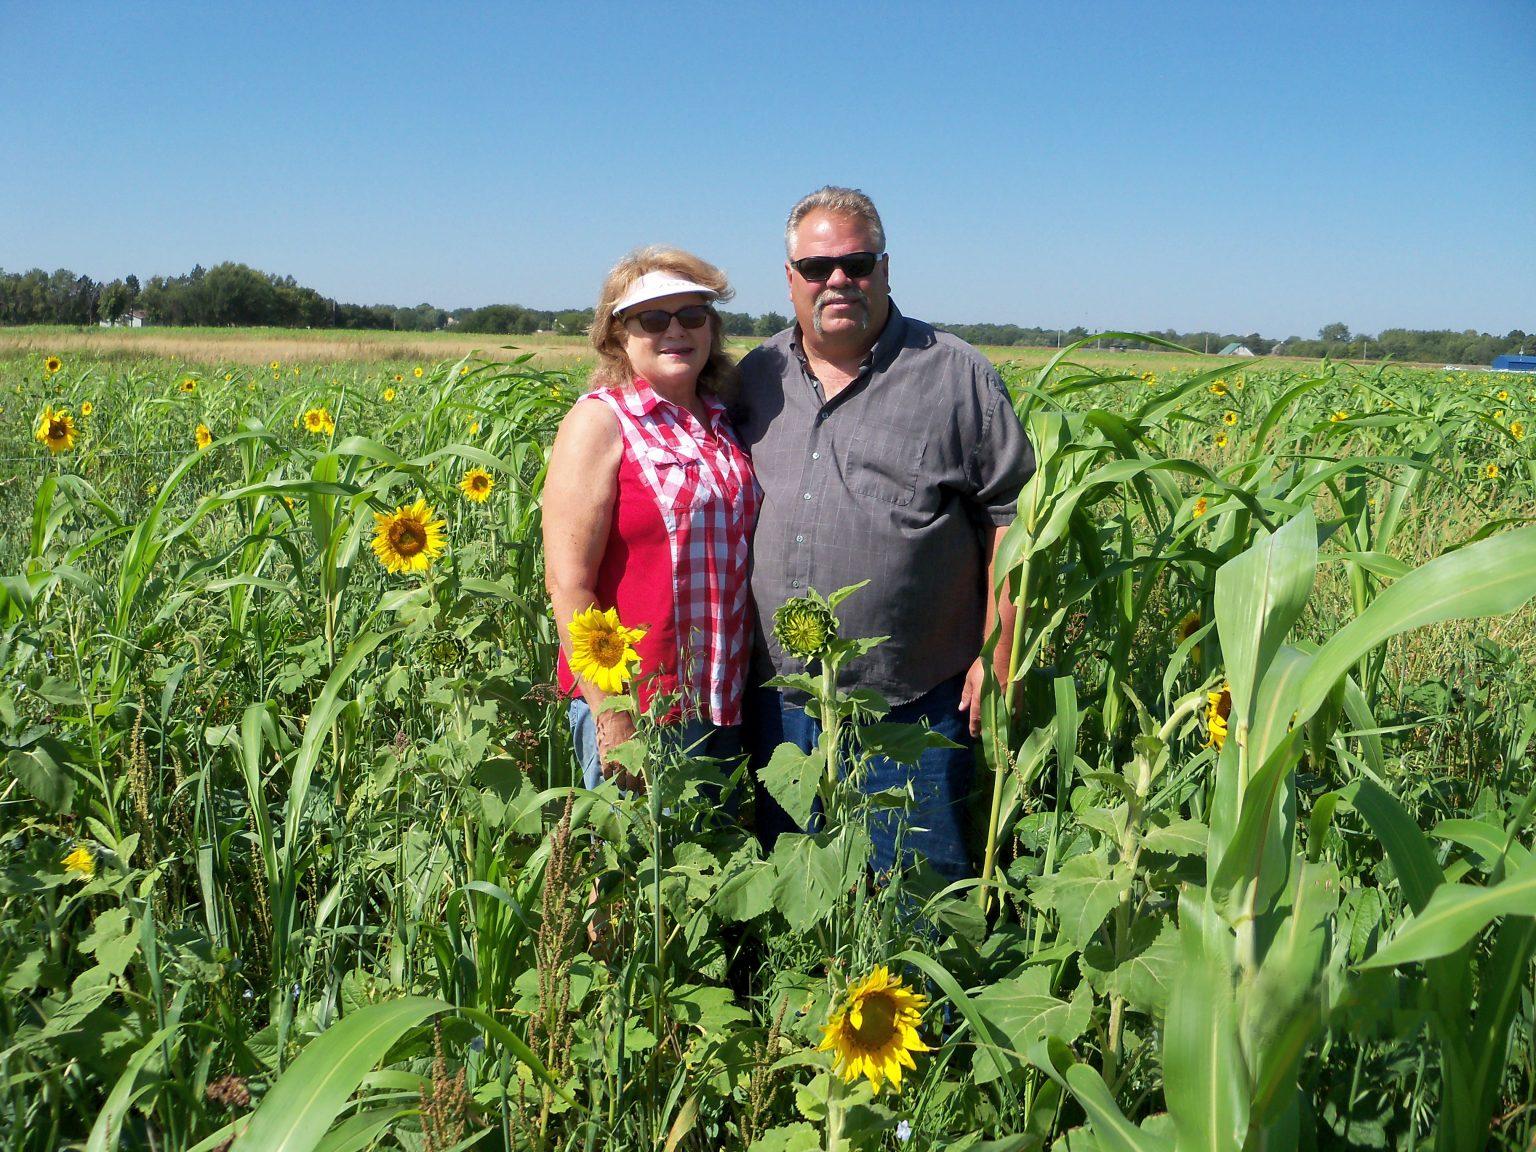 Nebraska farmer wants to leave a legacy of soil health